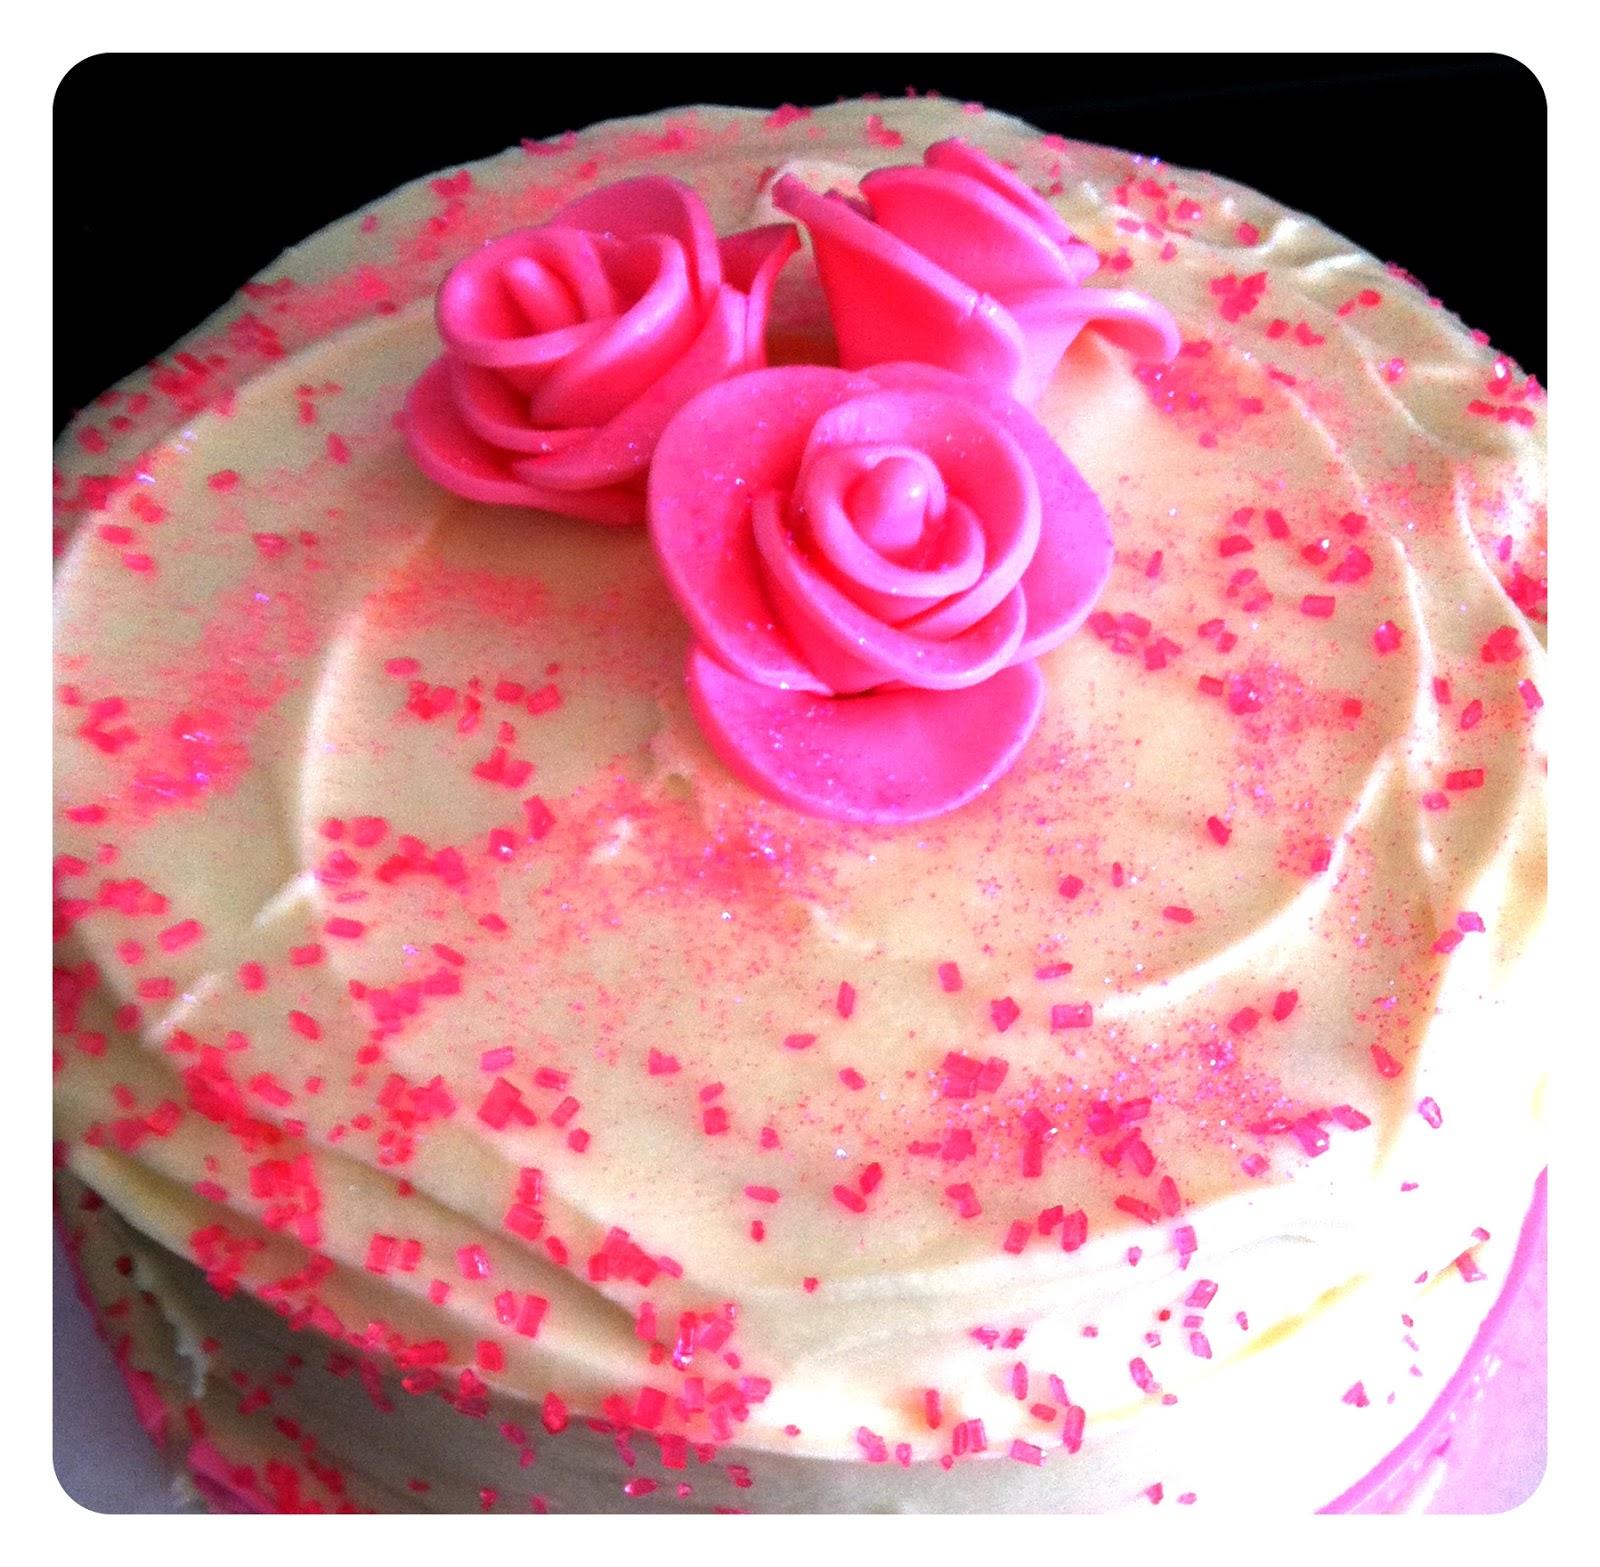 Pink Velvet Cake Images : 6 Pink Velvet Cake